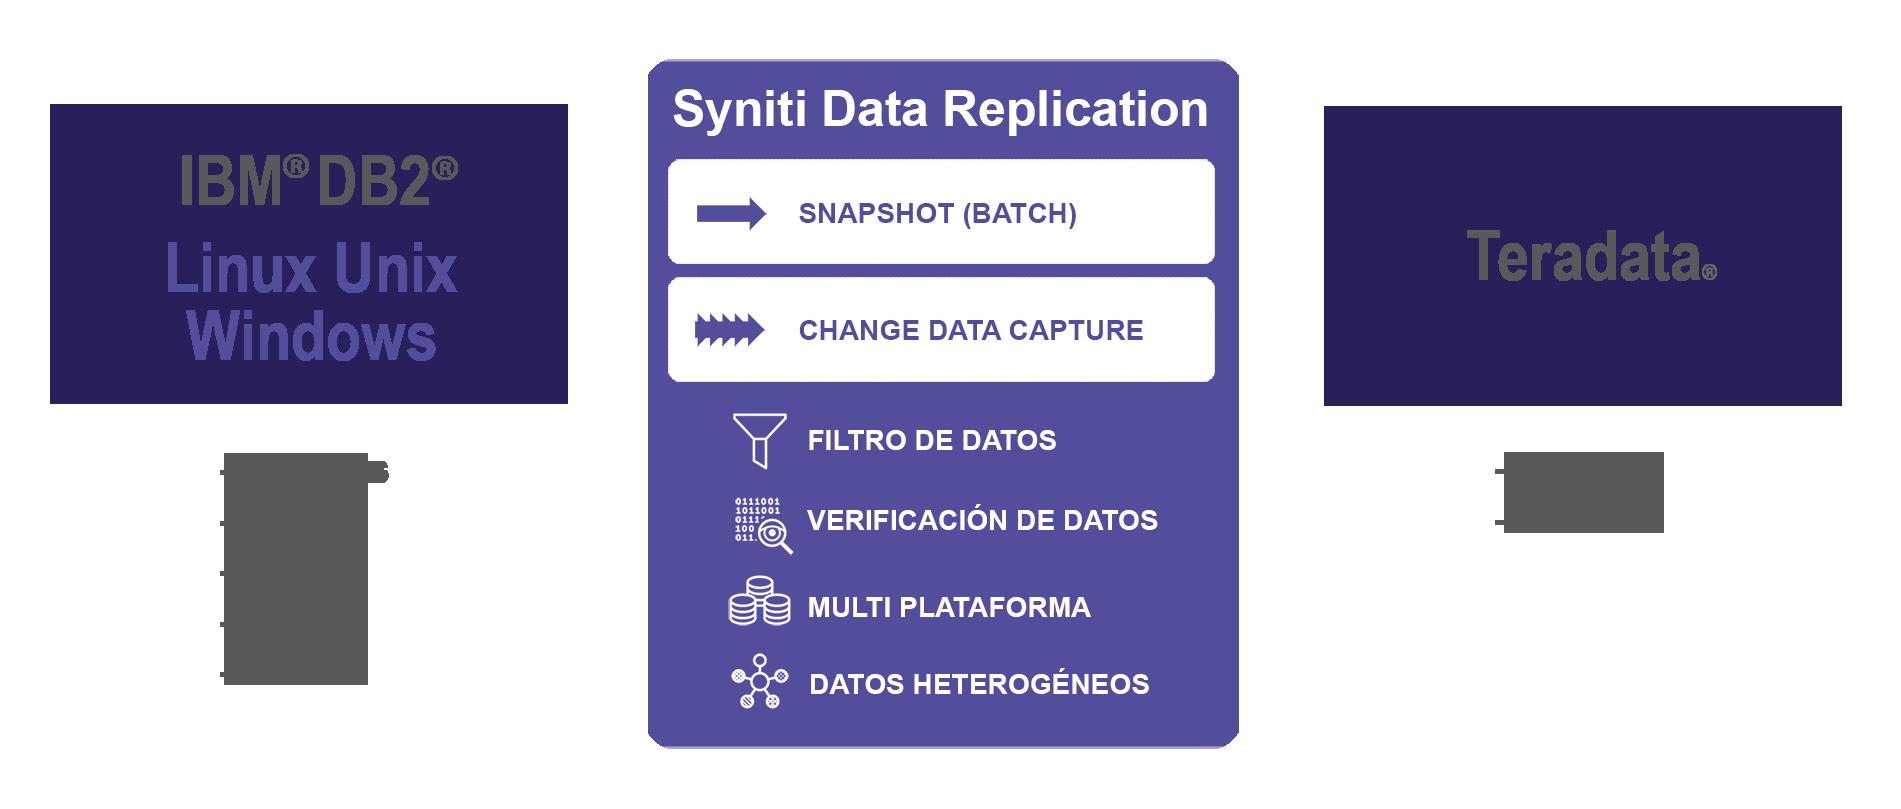 Replicacion de datos DB2 LUW a Teradata en tiempo real